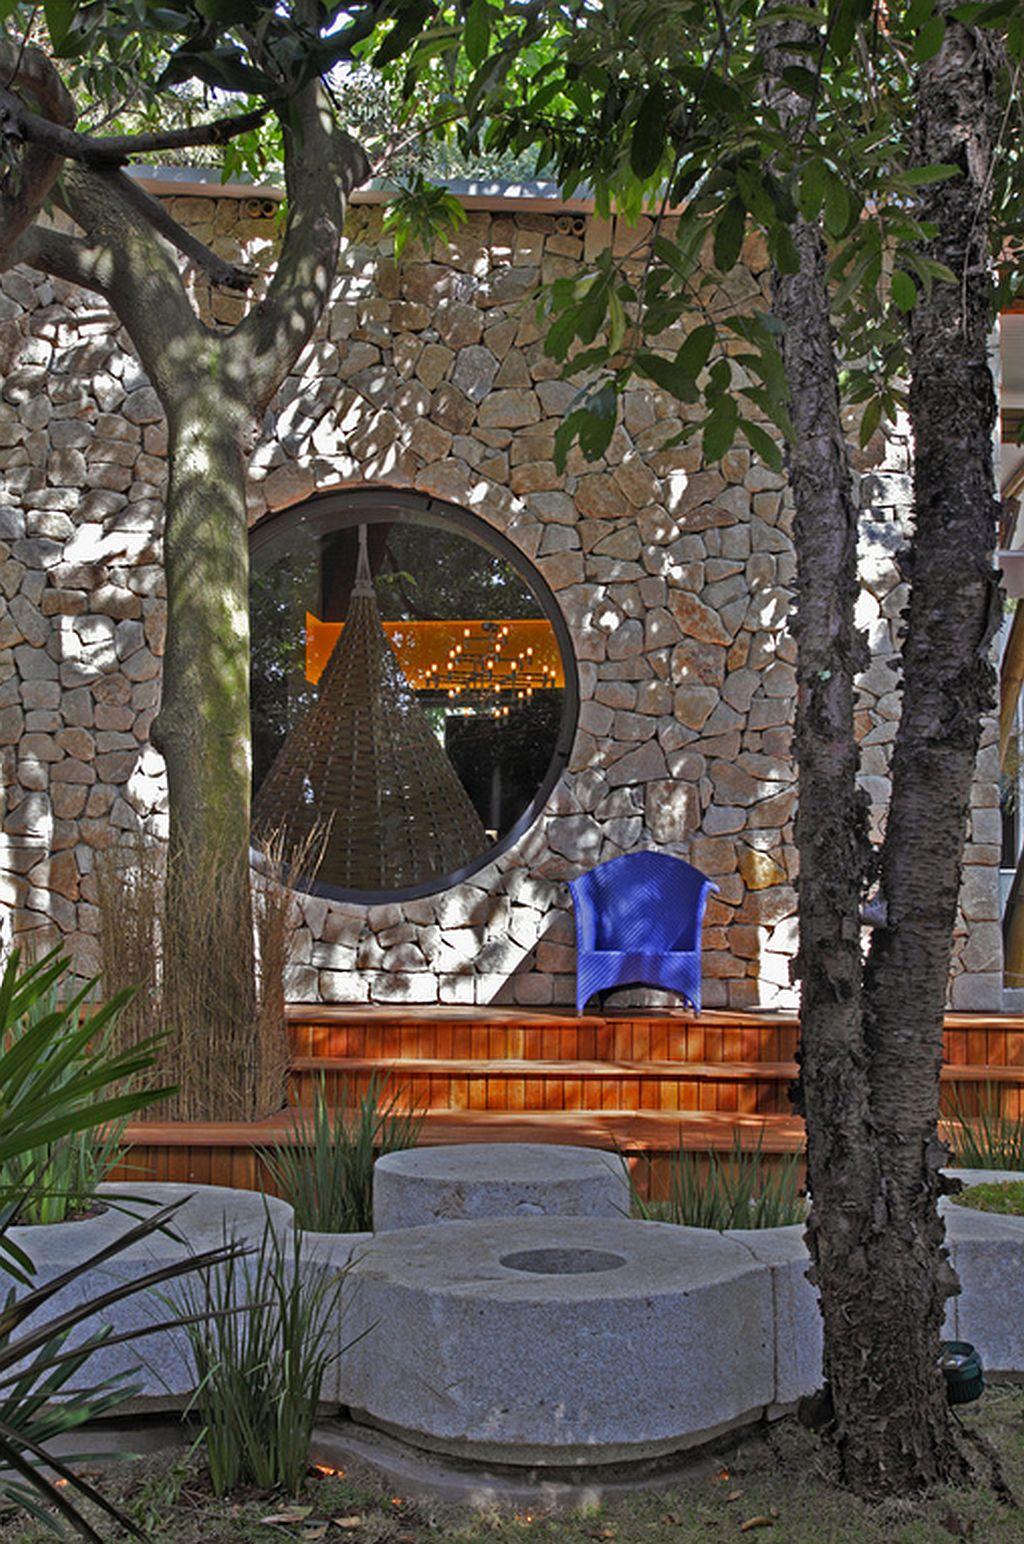 adelaparvu.com despre cabana urbana design Fabio Galeazzo (19)